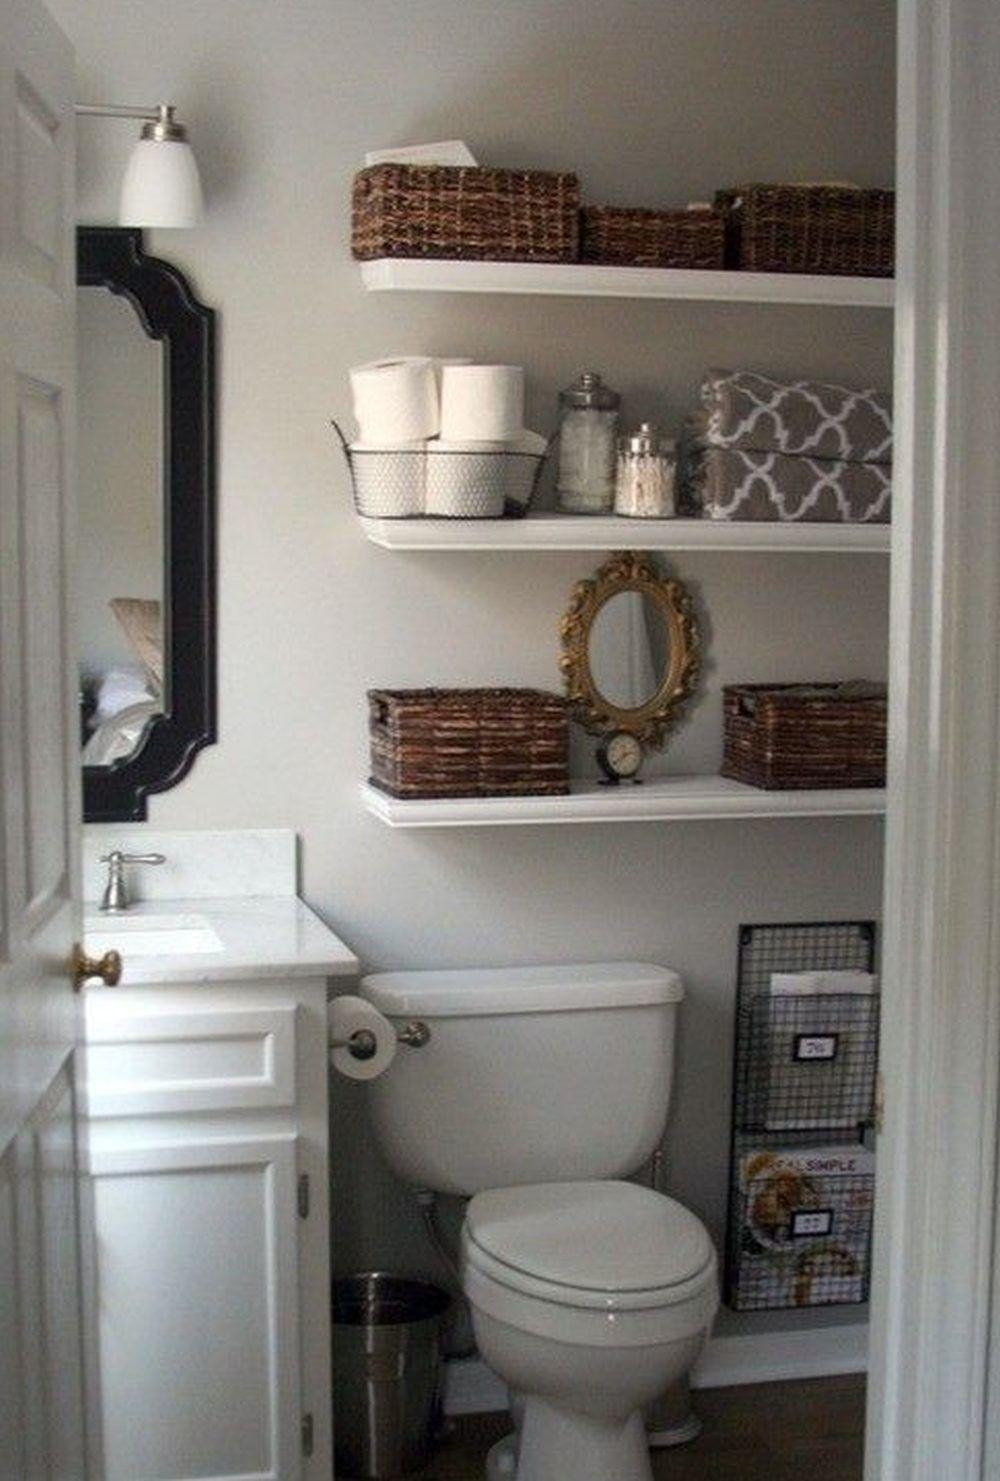 TuViejaMilf : Cuando vemos cuartos de baño en revistas y catálogos ...